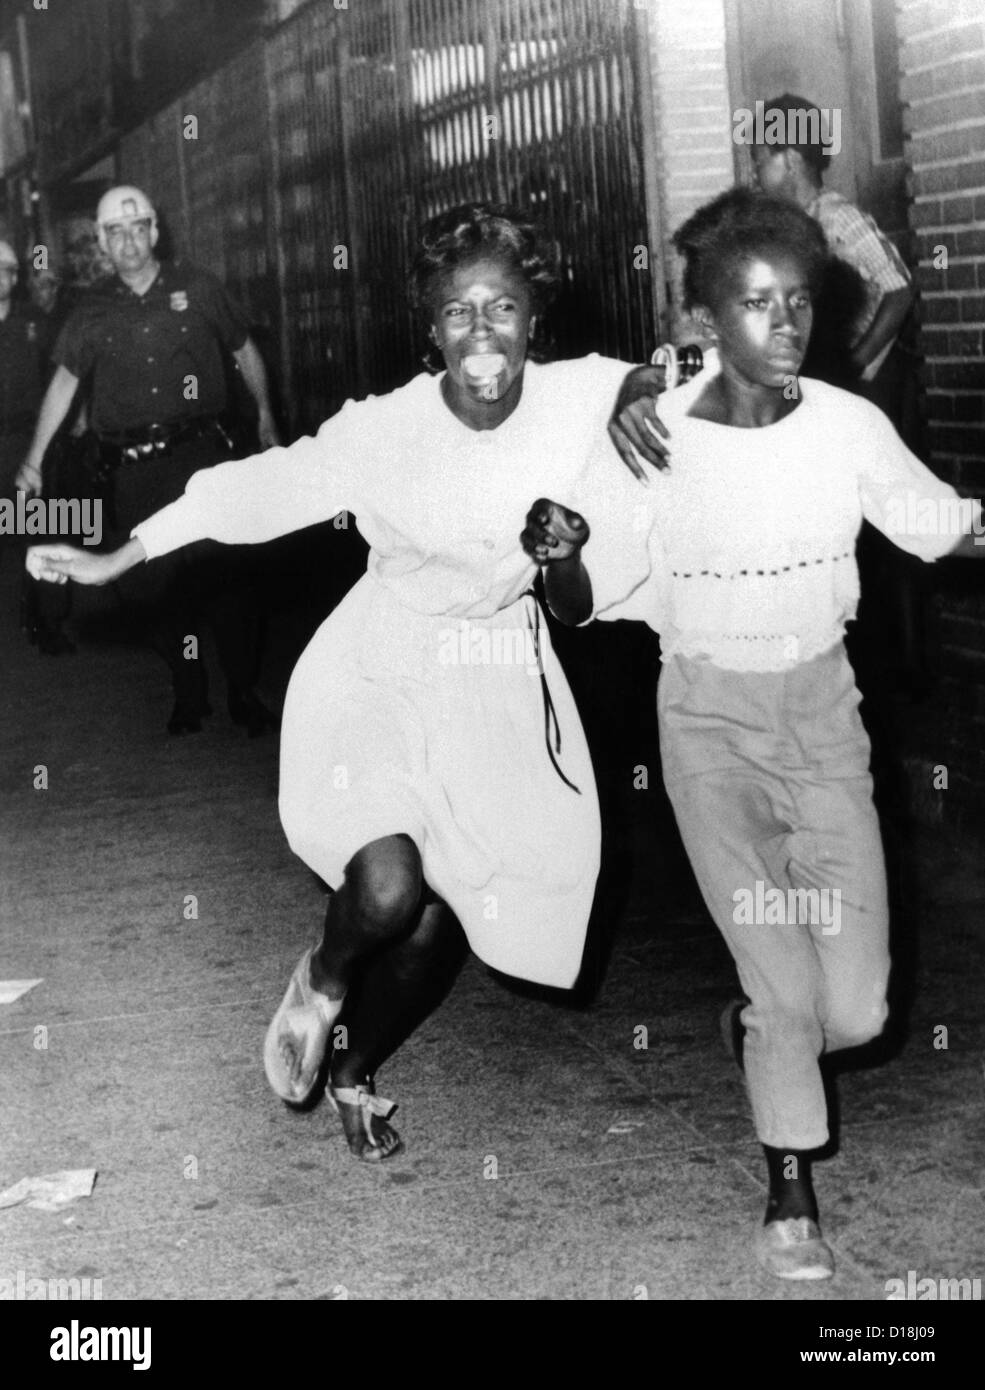 Deux jeunes filles afro-américains, l'un criant au cours des émeutes de la section de Bedford-Stuyvesant Photo Stock